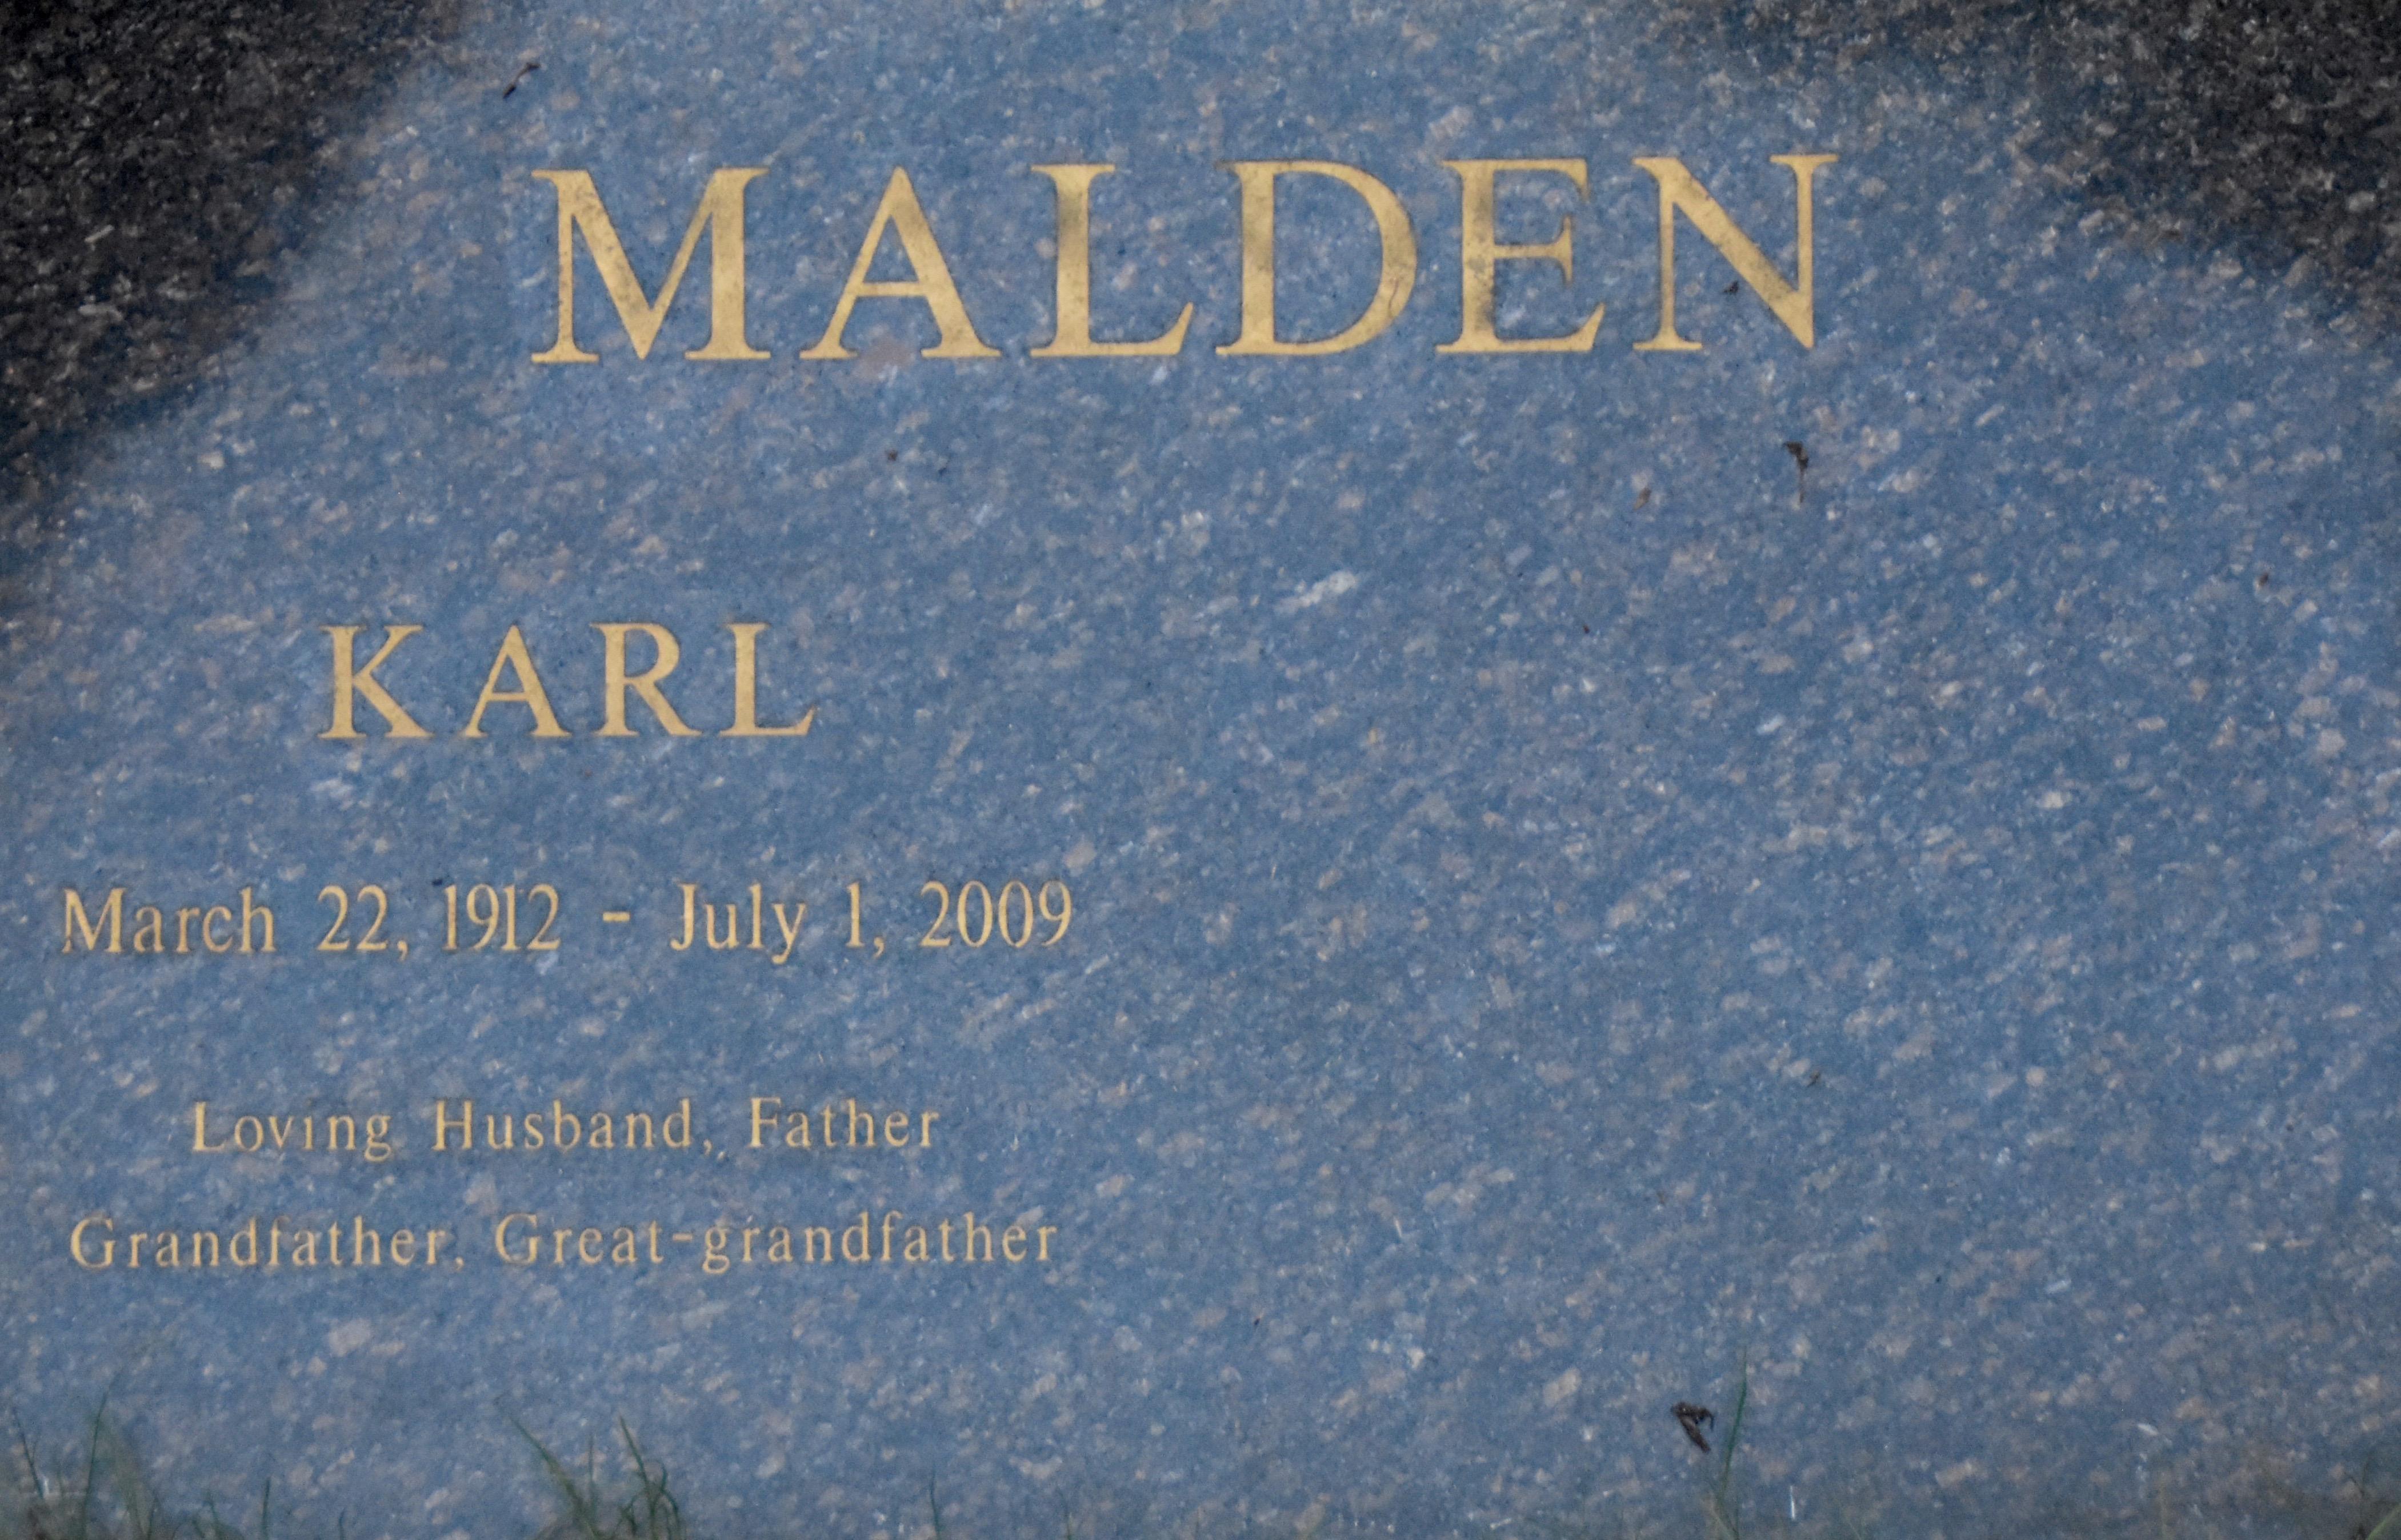 Karl Malden, Westwood Village Cemetery